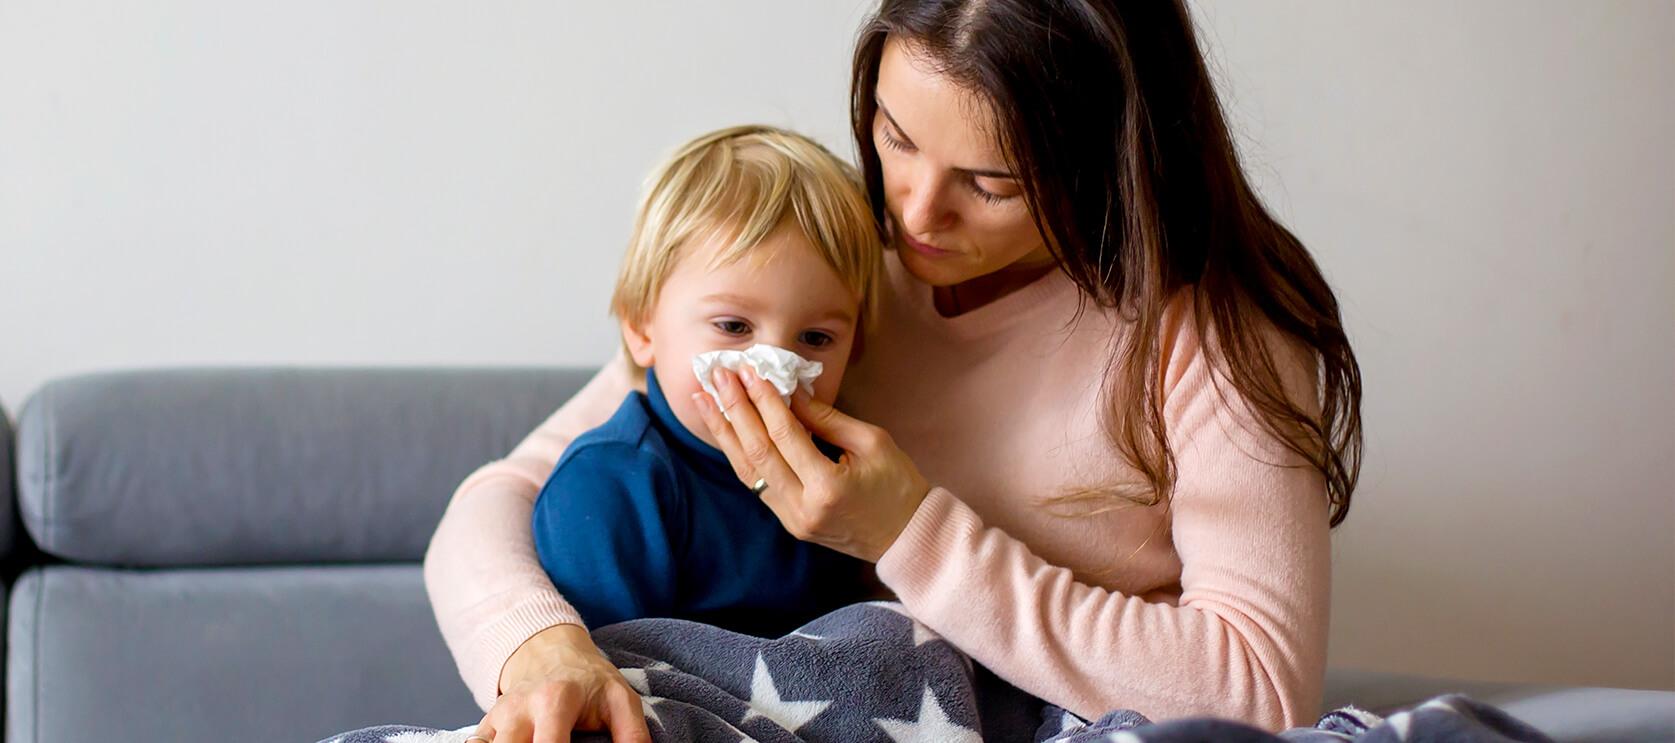 Objawy i leczenie przeziębienia u dzieci